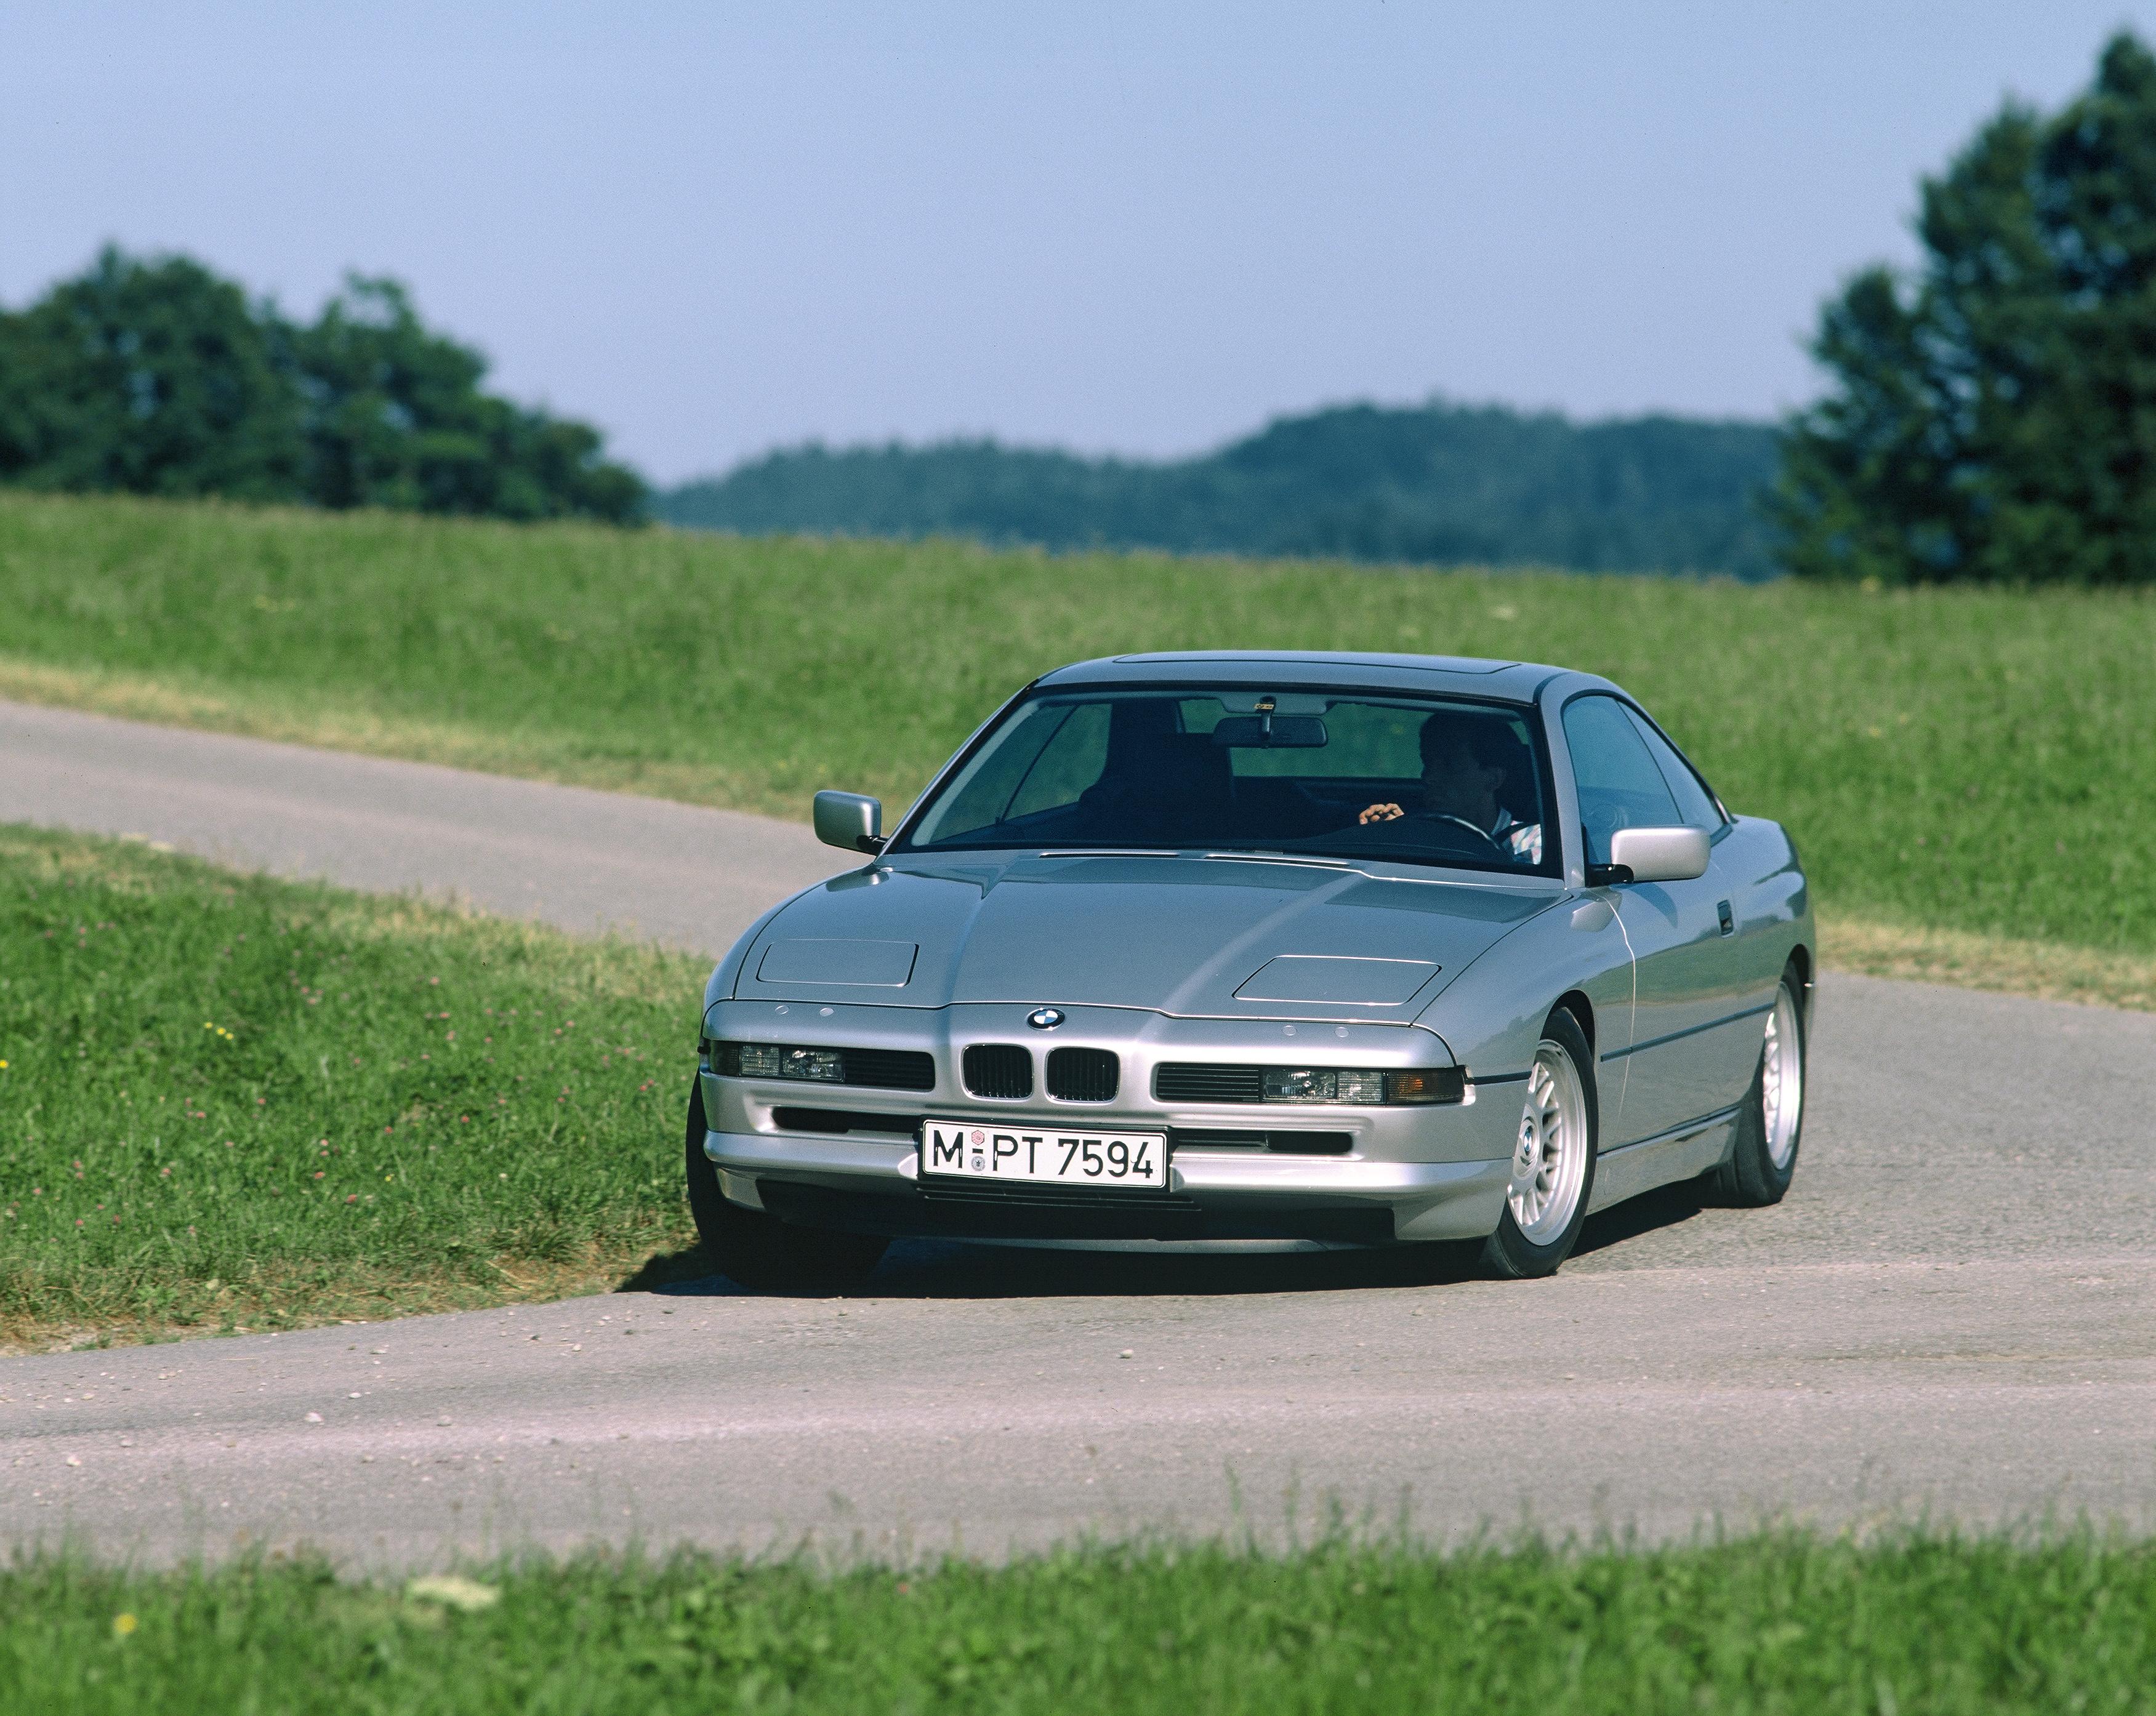 Автомобиль восьмой серии BMW 850i — носитель высших достижений мирового автостроения (1990 г.)